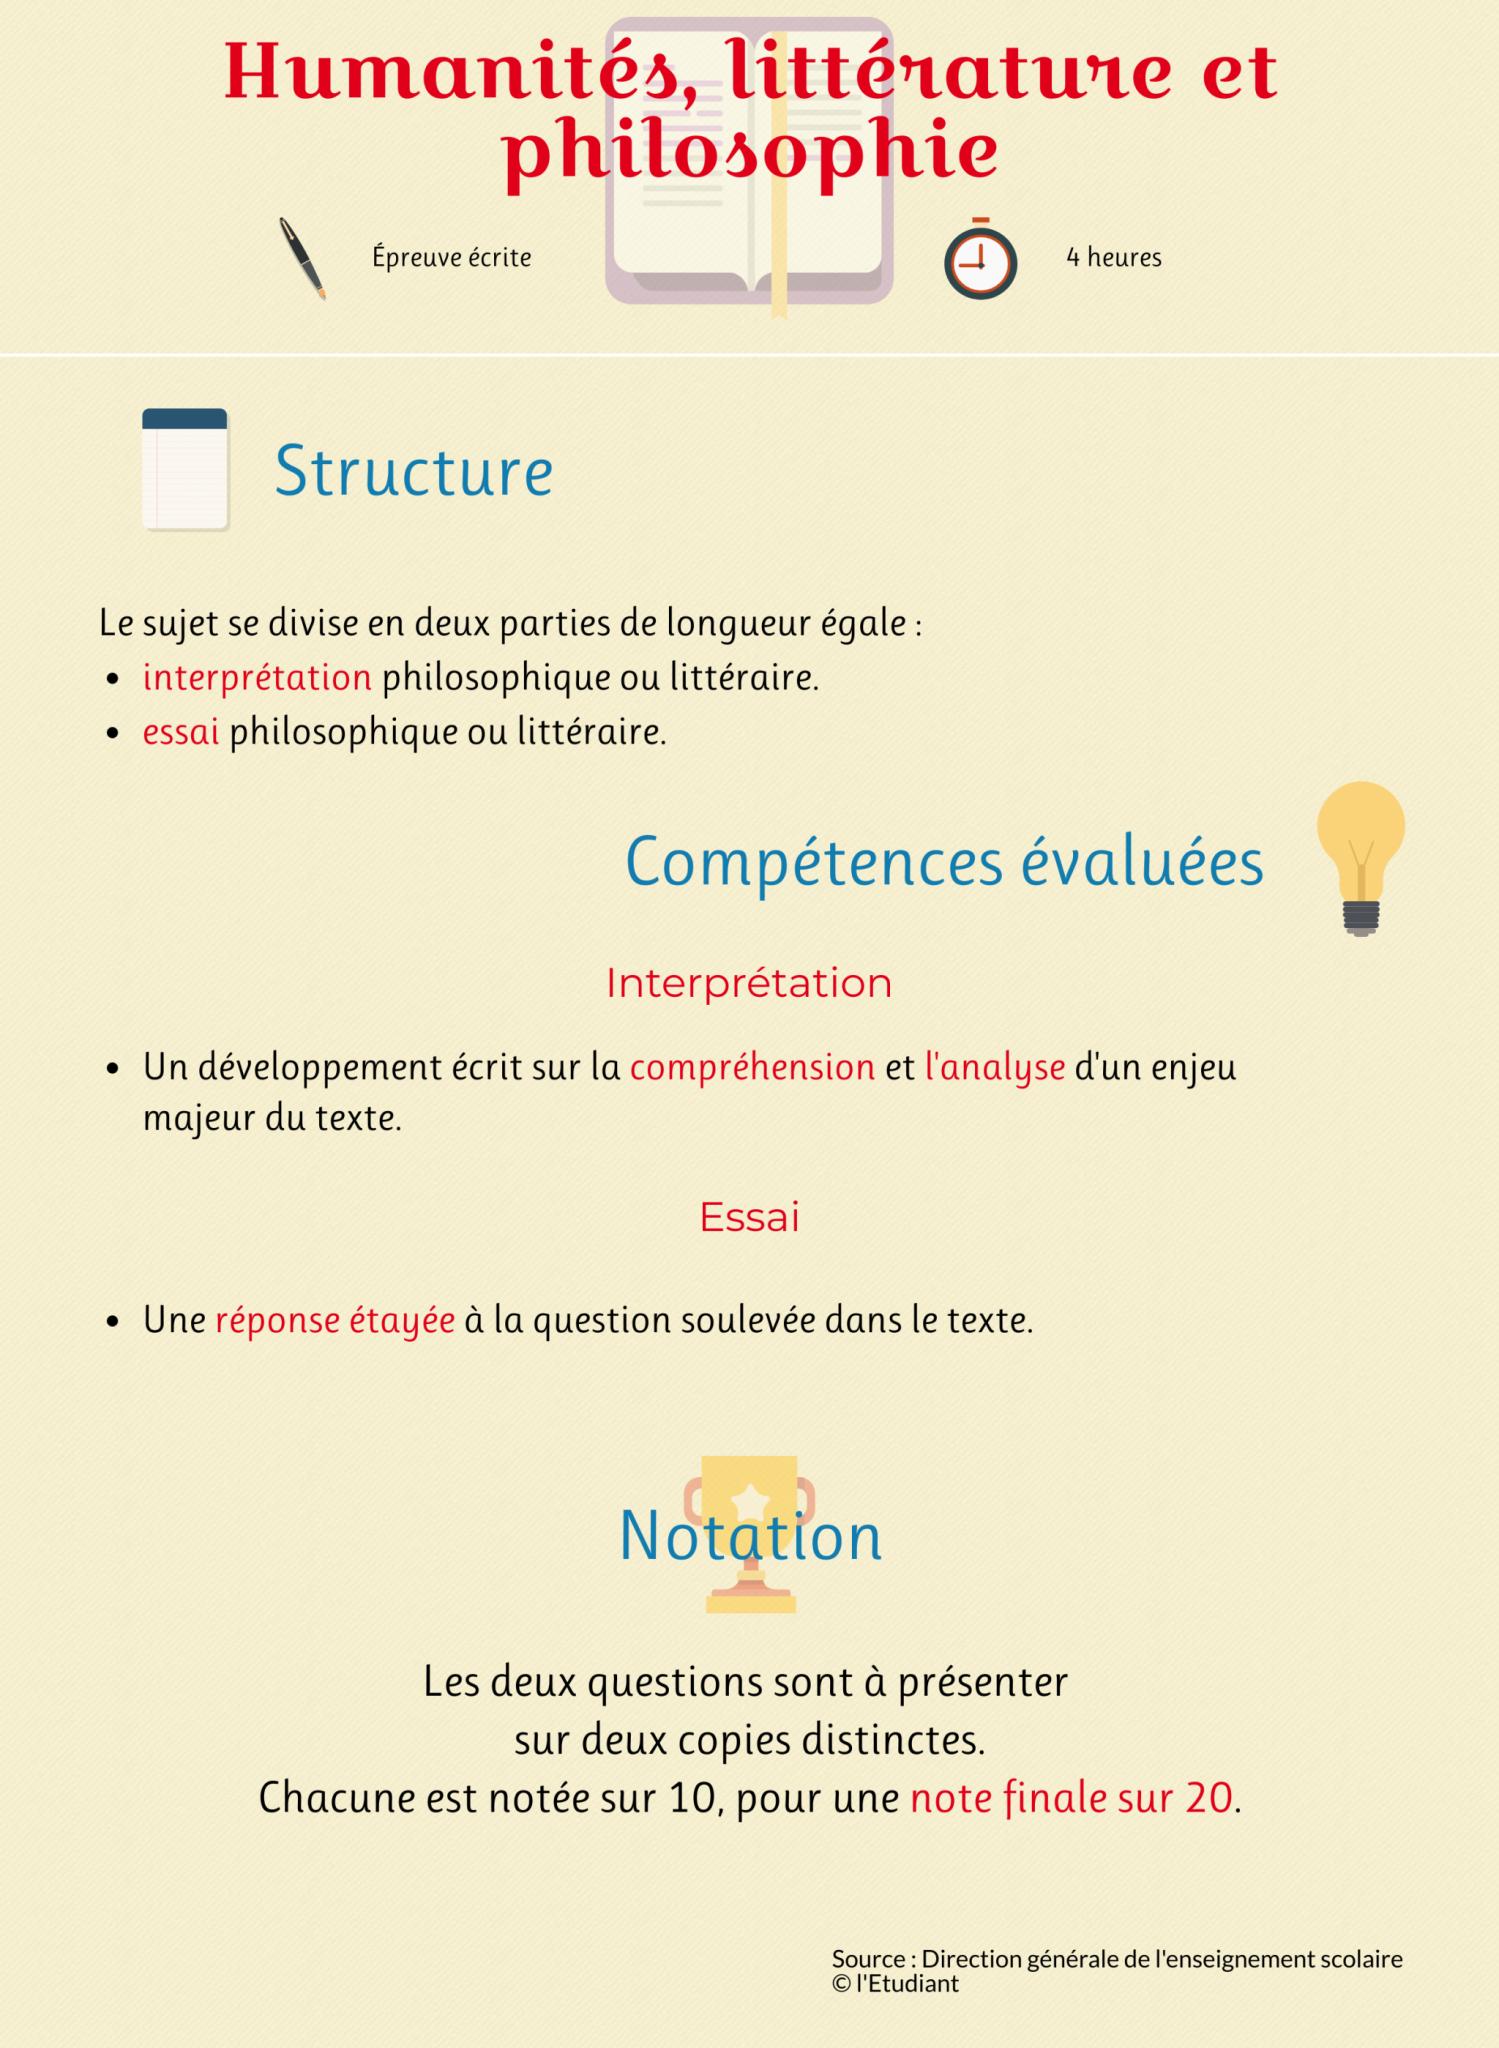 Infographie de l'épreuve de l'enseignement de spécialités